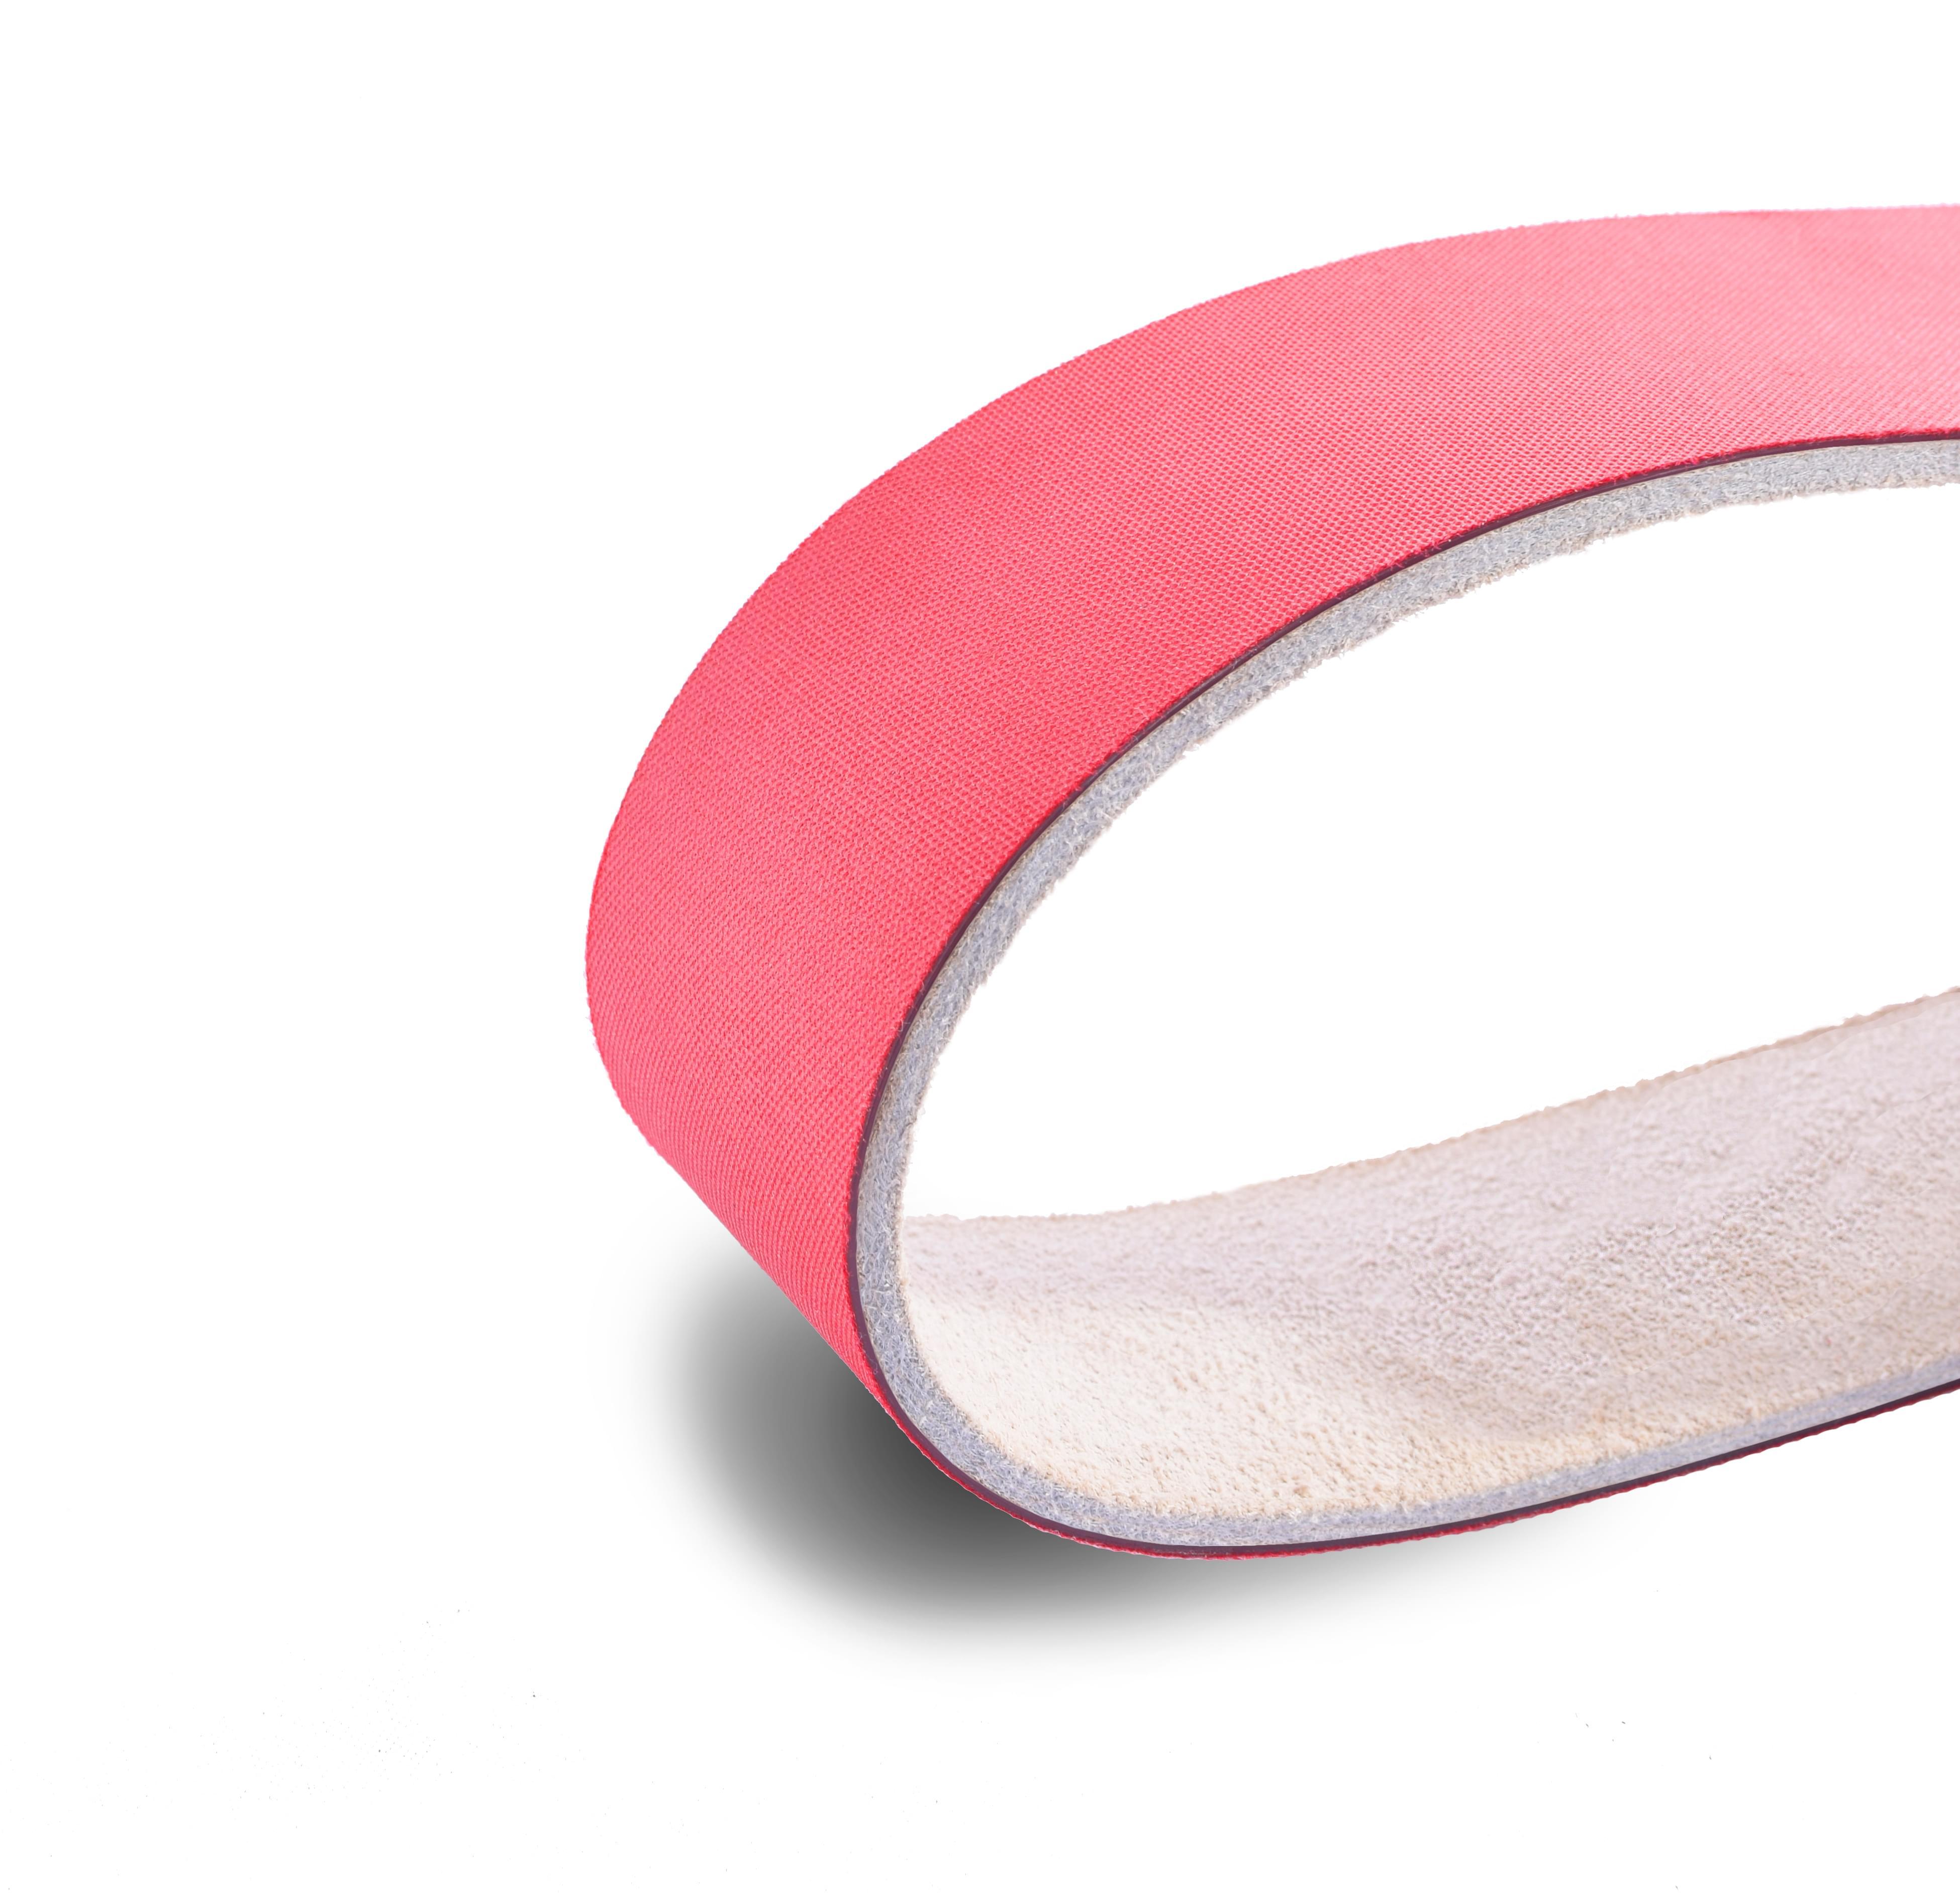 correia transmissão plana poliamida (nylon) couro/tecido tipo LT 14